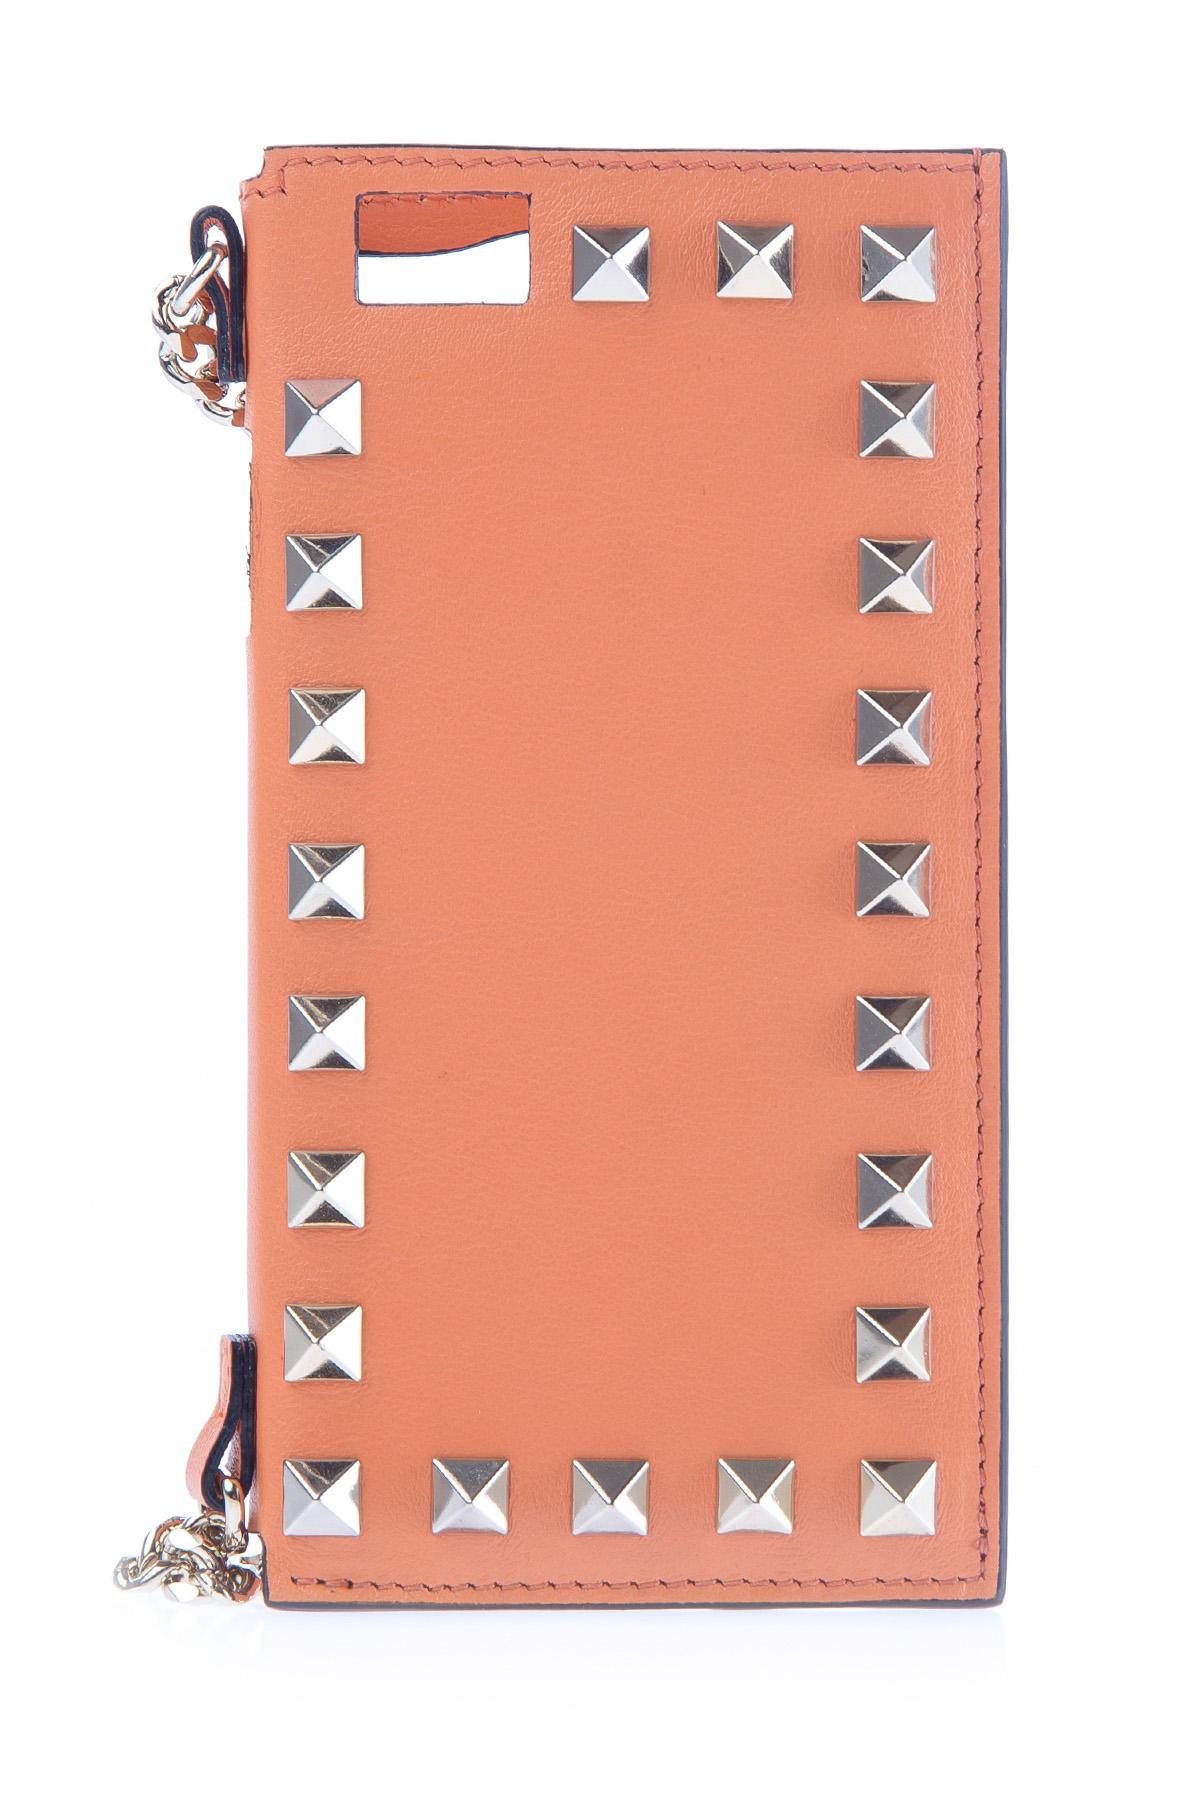 Купить Чехол-клатч для iPhone 6, VALENTINO, Италия, кожа 100%